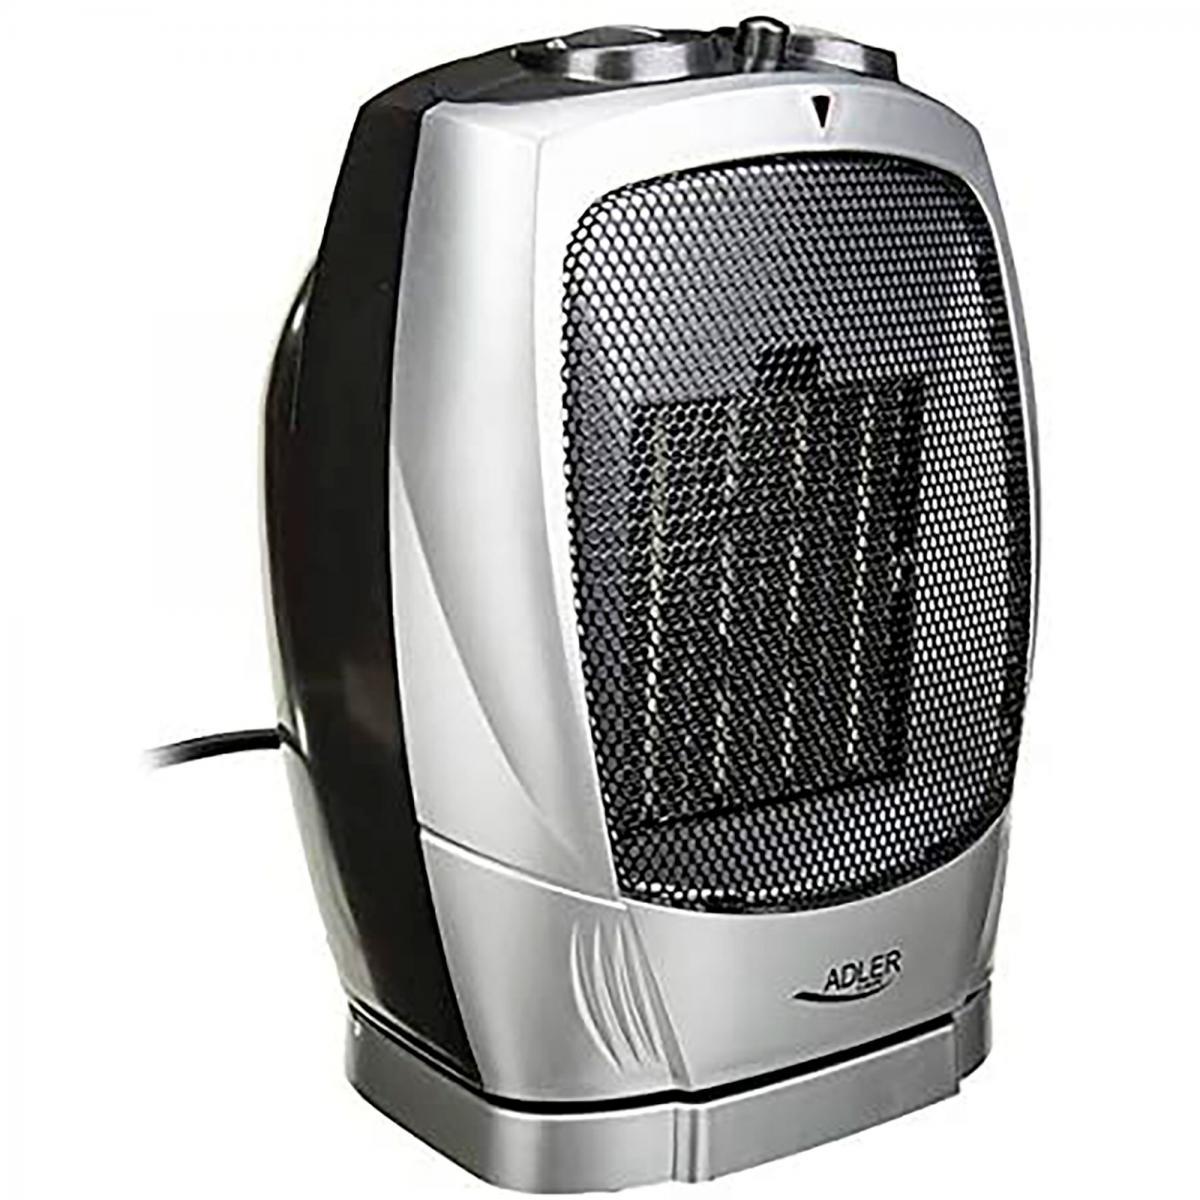 Adler Chauffage Céramique Portable PTC, 2 Niveaux de Puissance, Thermostat,Froid/Chaud 1500W Adler AD 7703